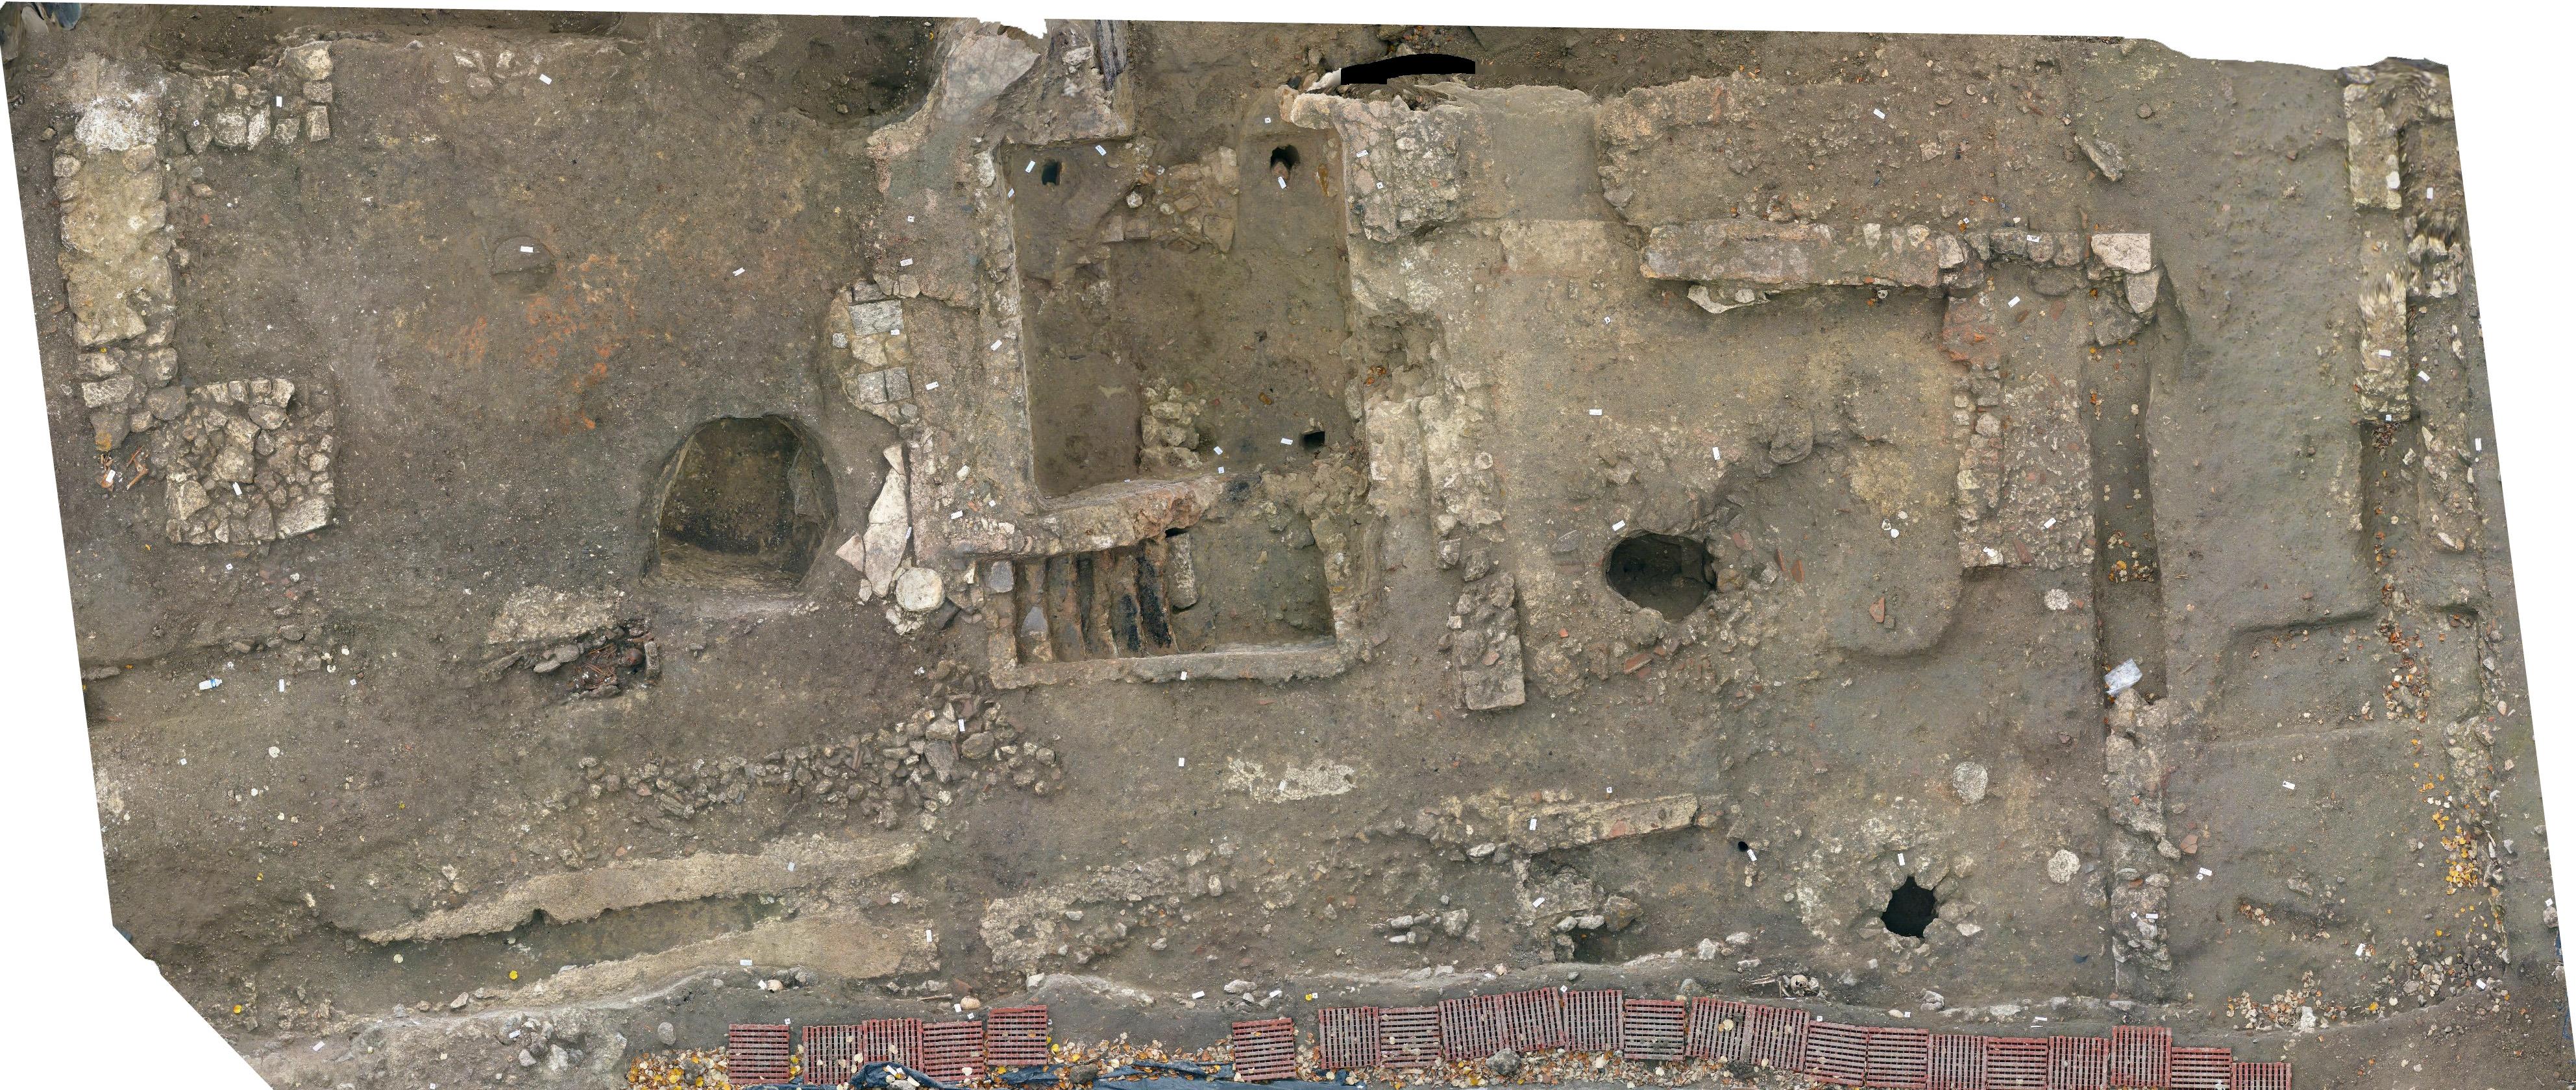 Fig.09. Vue en plan d'une large zone d'habitat à Meaux.